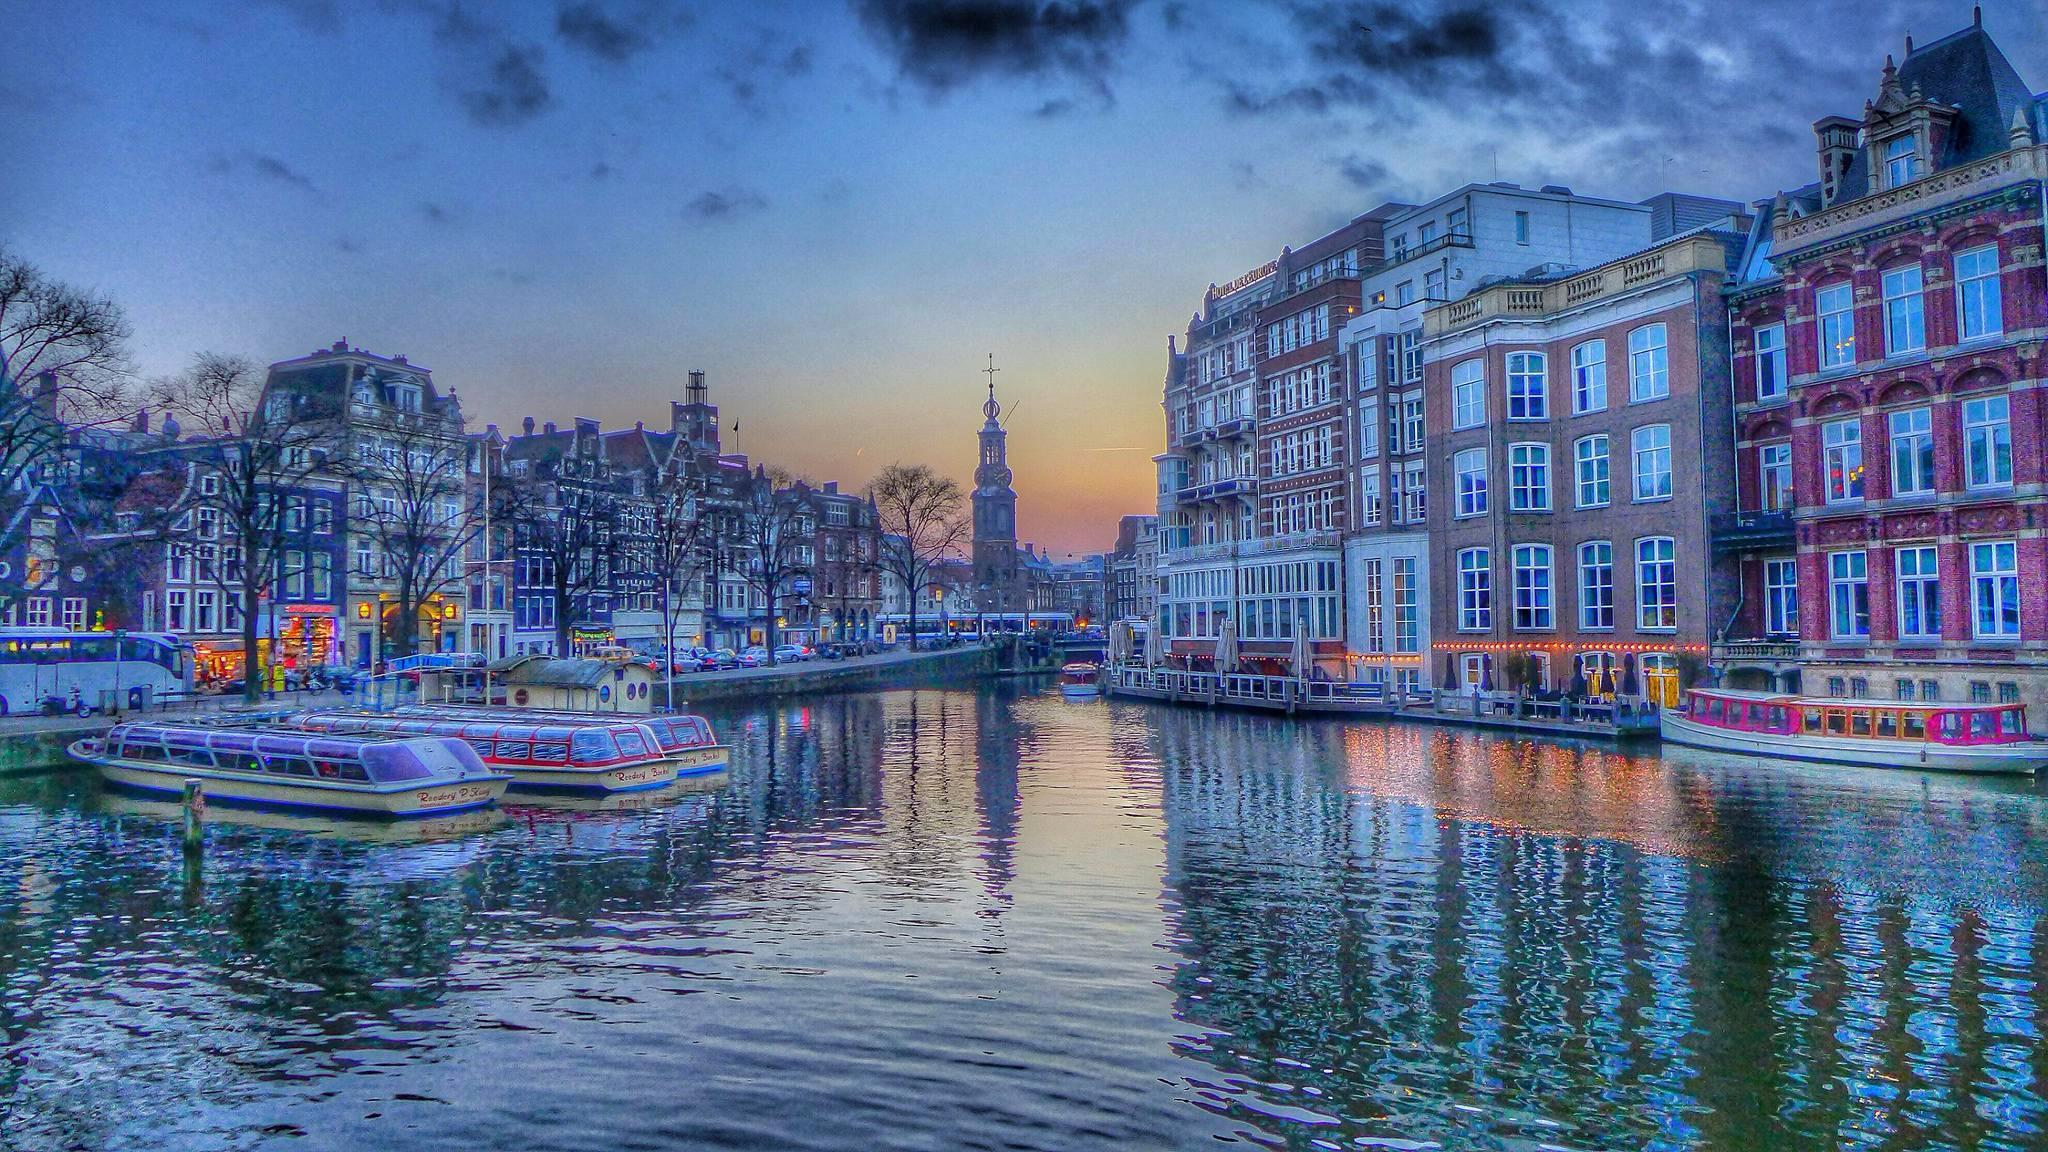 страны архитектура амстердам анонимно